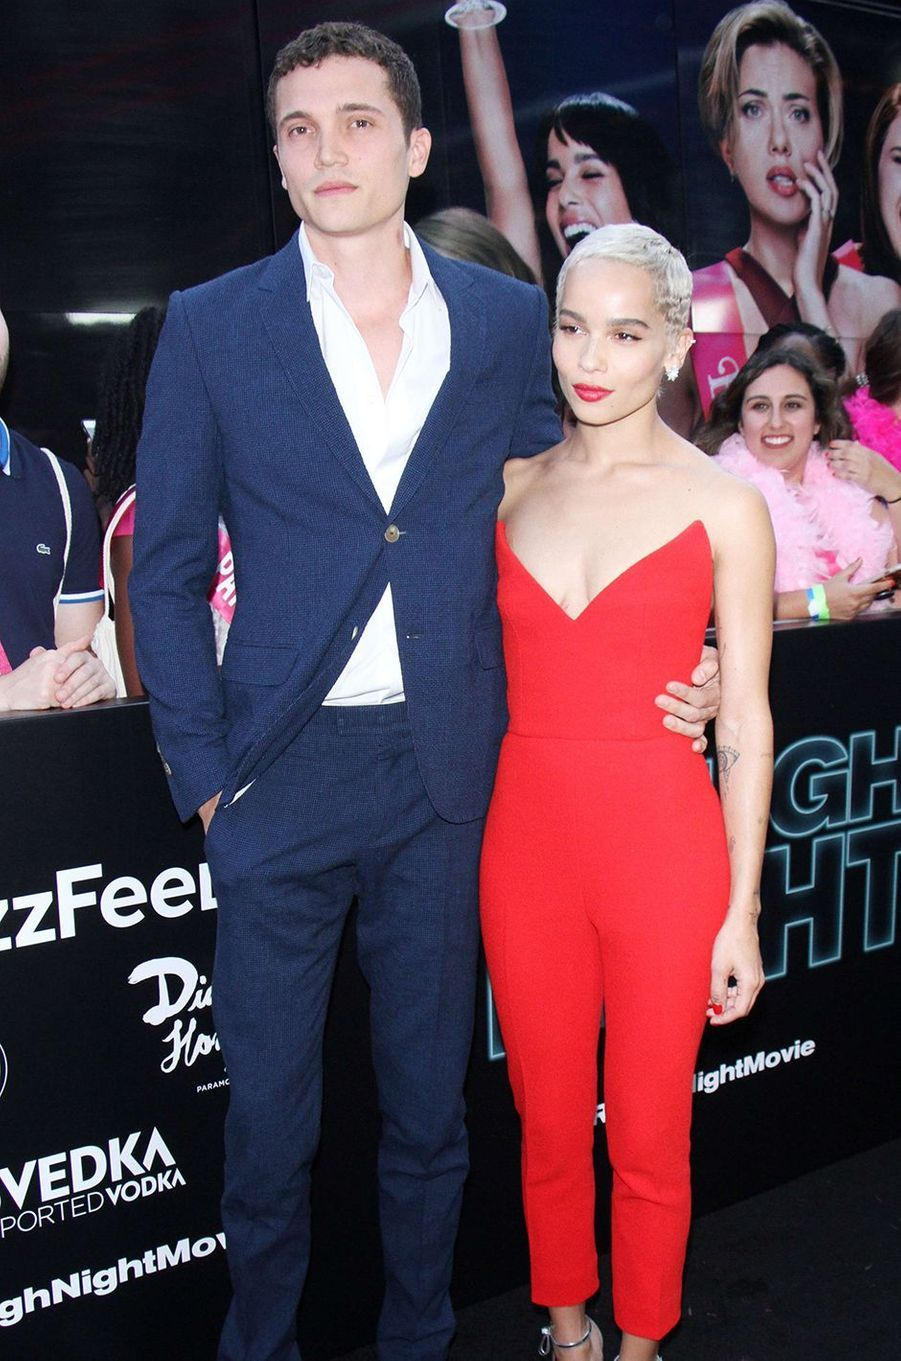 Karl Glusman et Zoë Kravitz à la première du film «Pire soirée» à New York en juin 2017